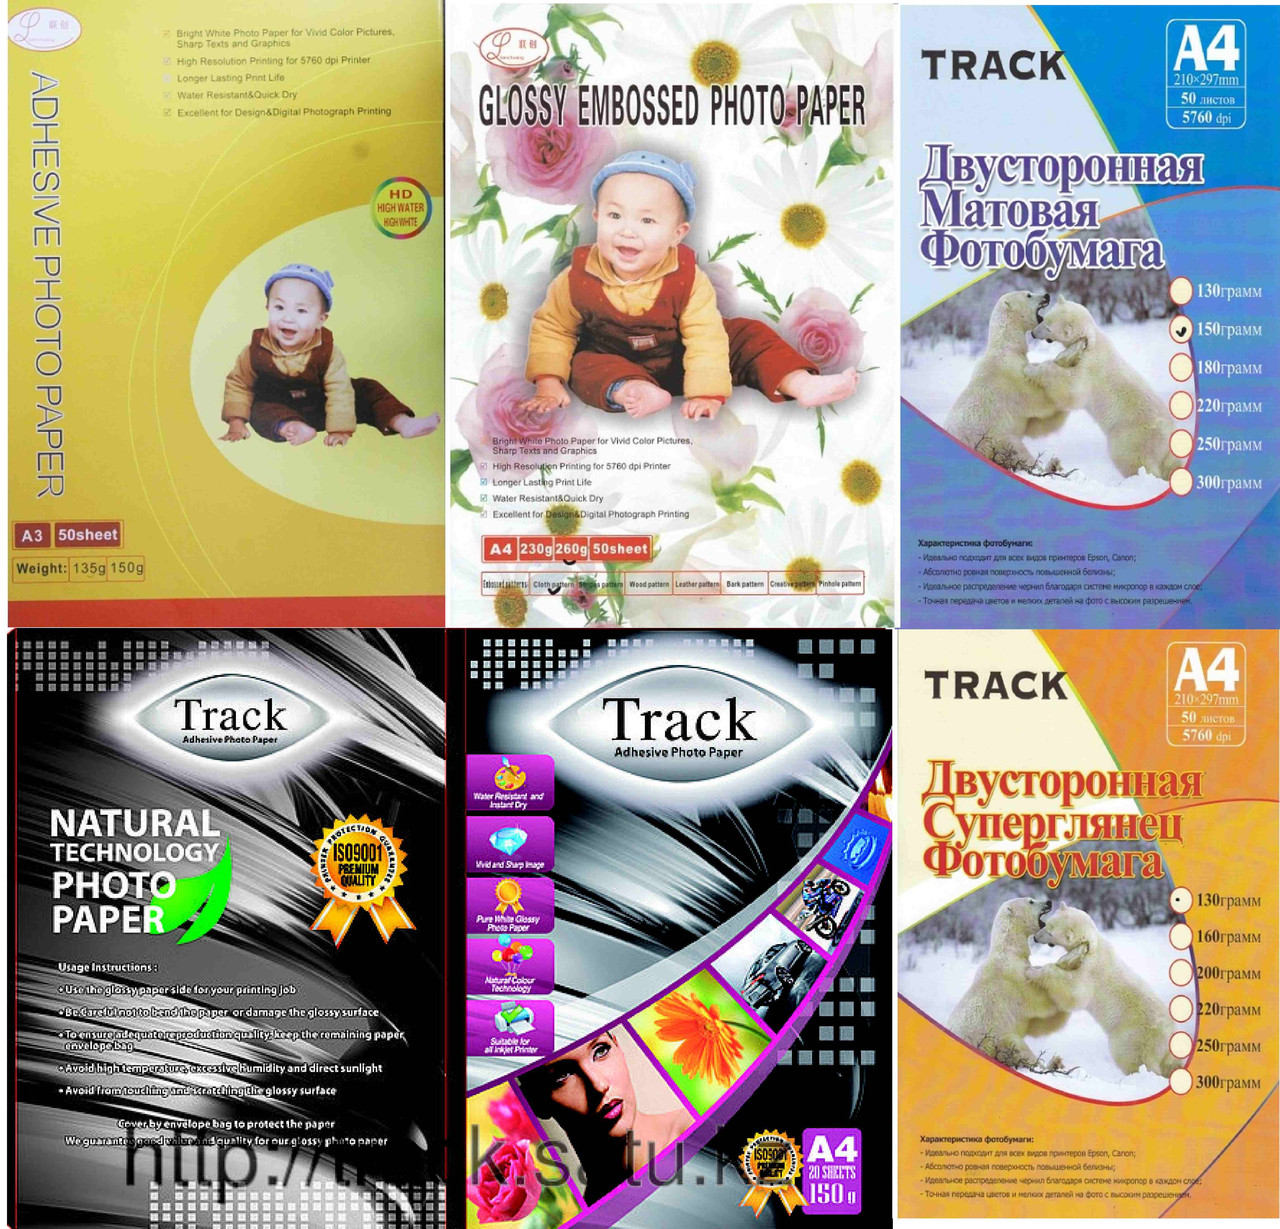 Фотобумага от А6 до А3, для фотосалонов